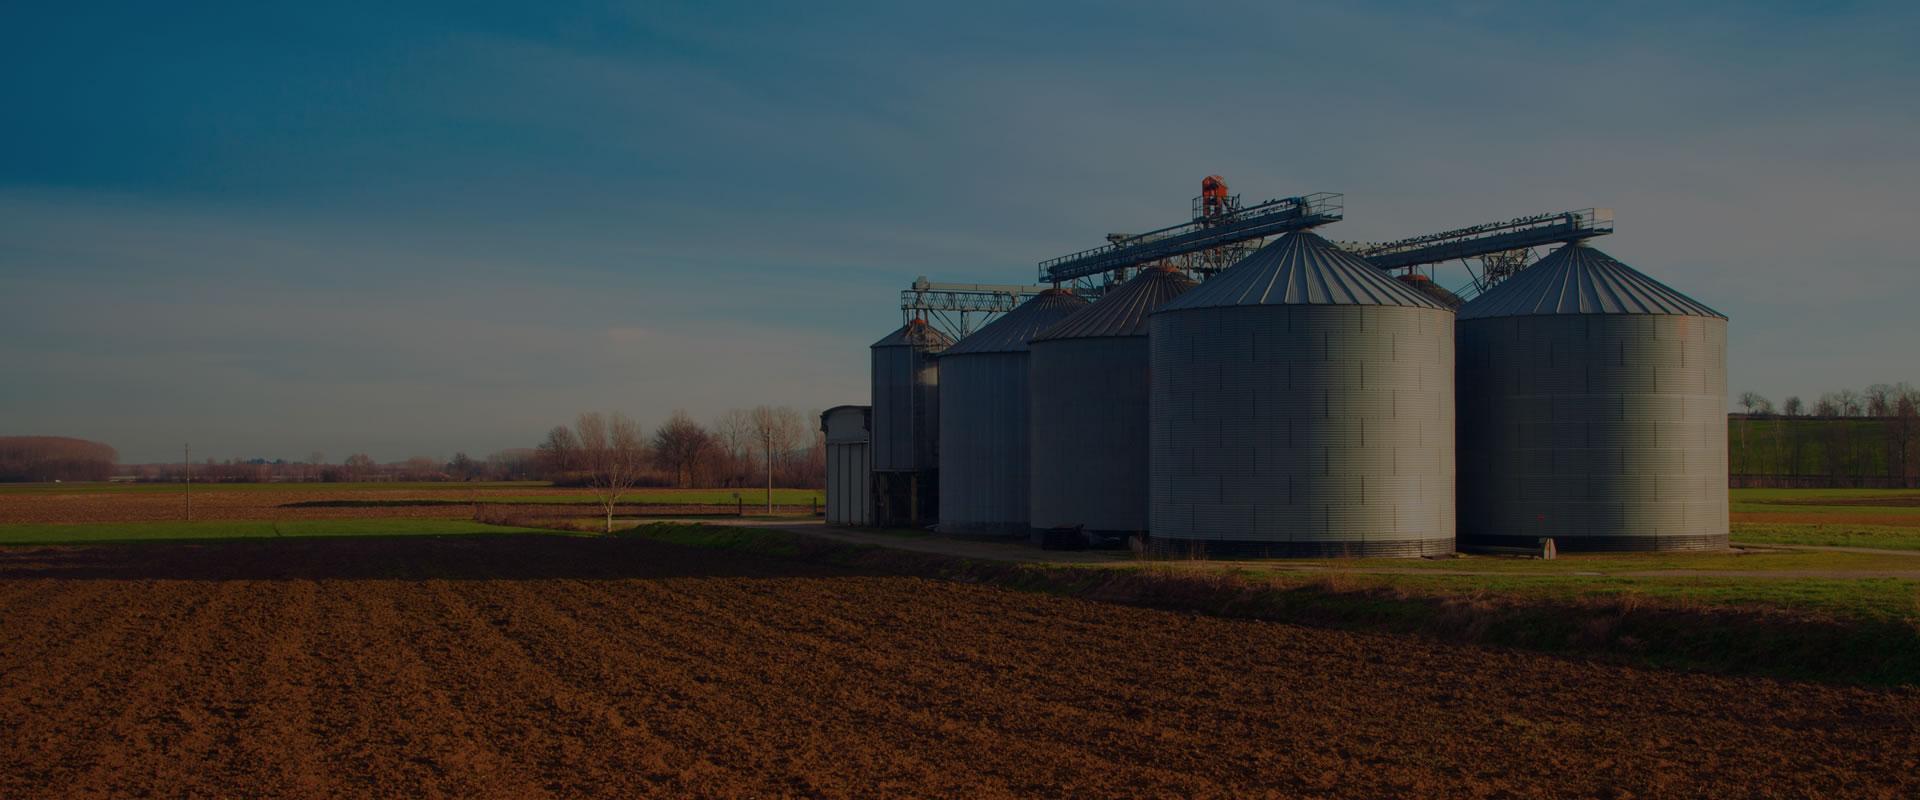 Expertos en almacén de grano